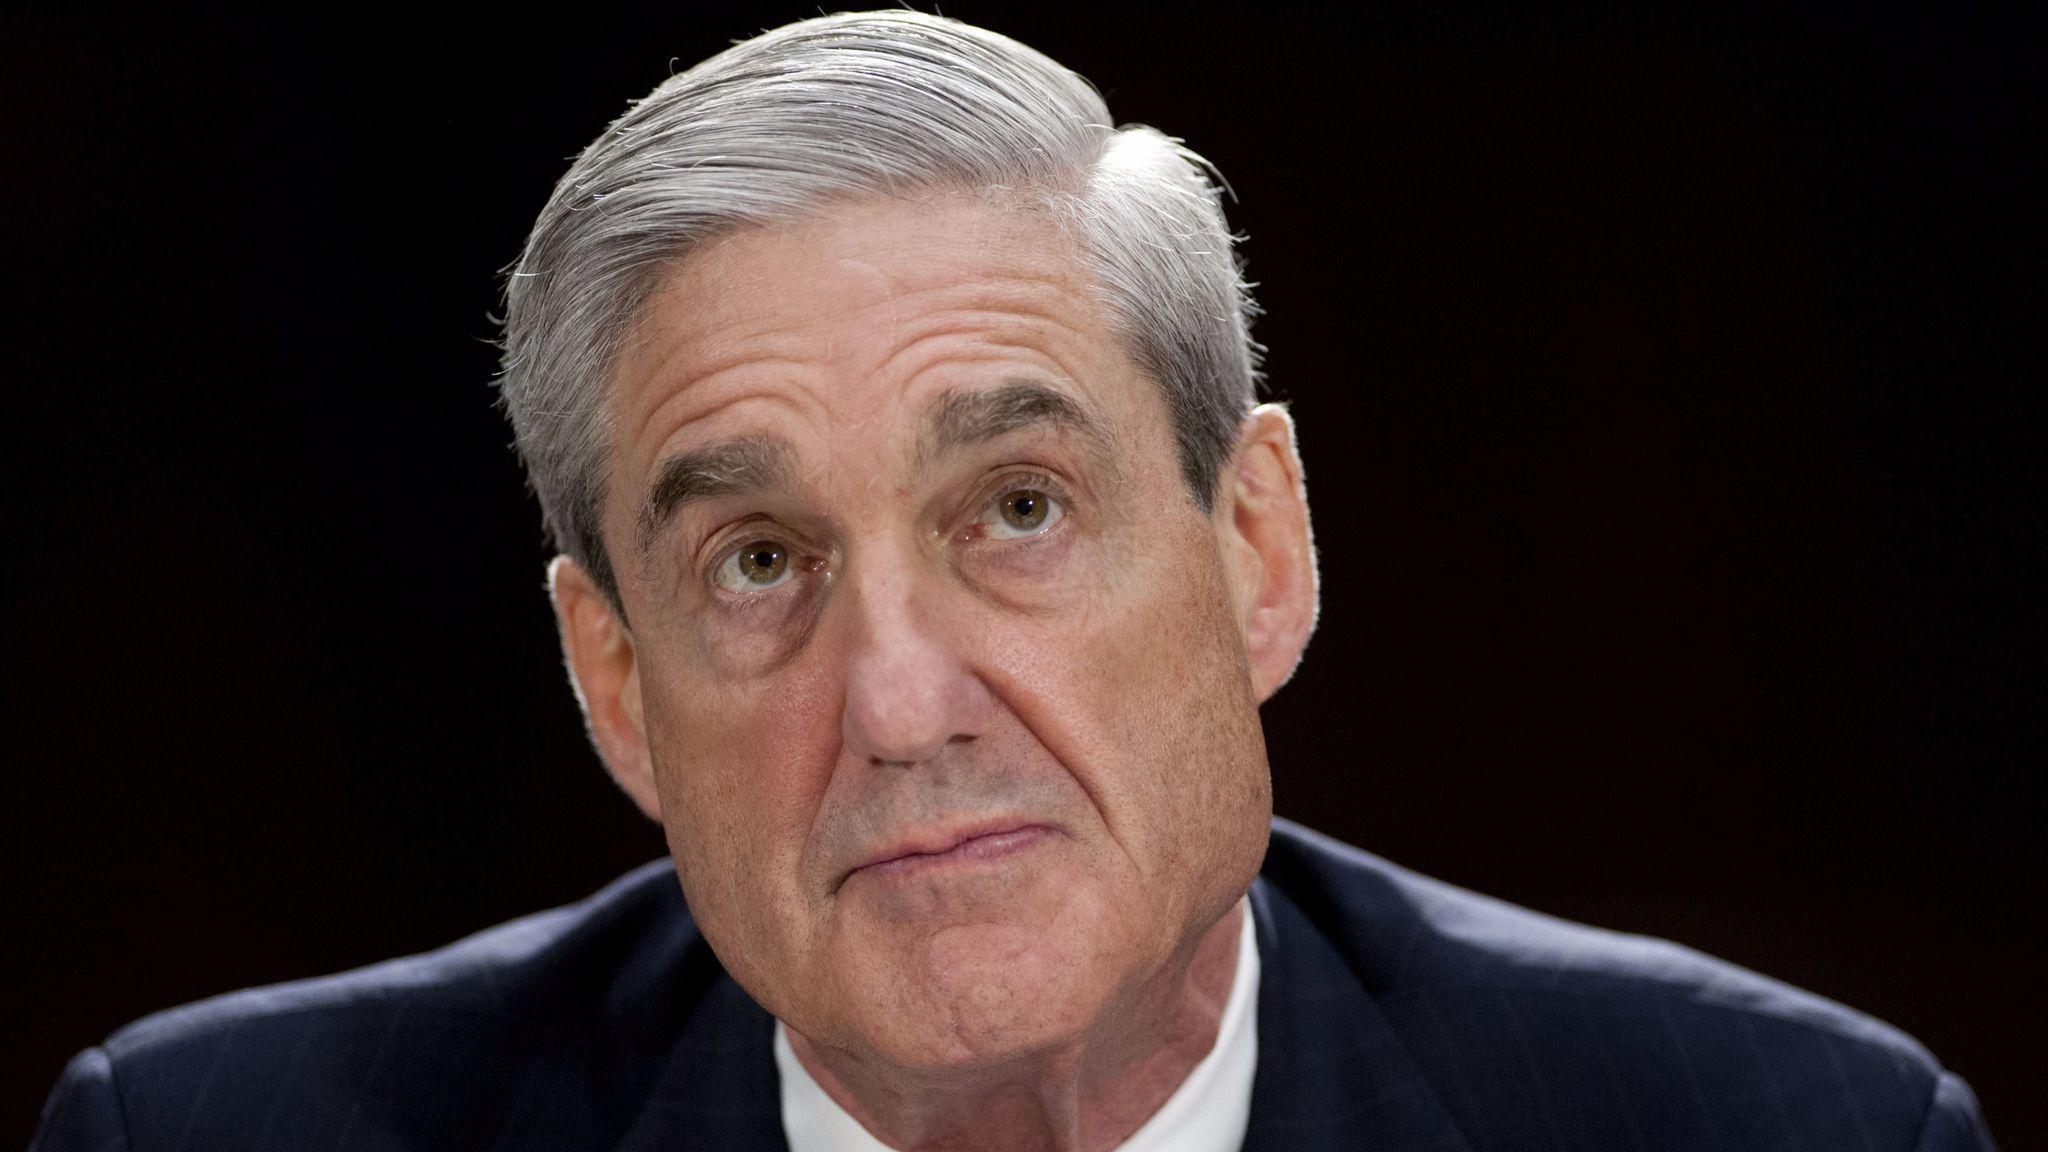 Robert Mueller, then FBI director, testifies at a 2013 hearing.